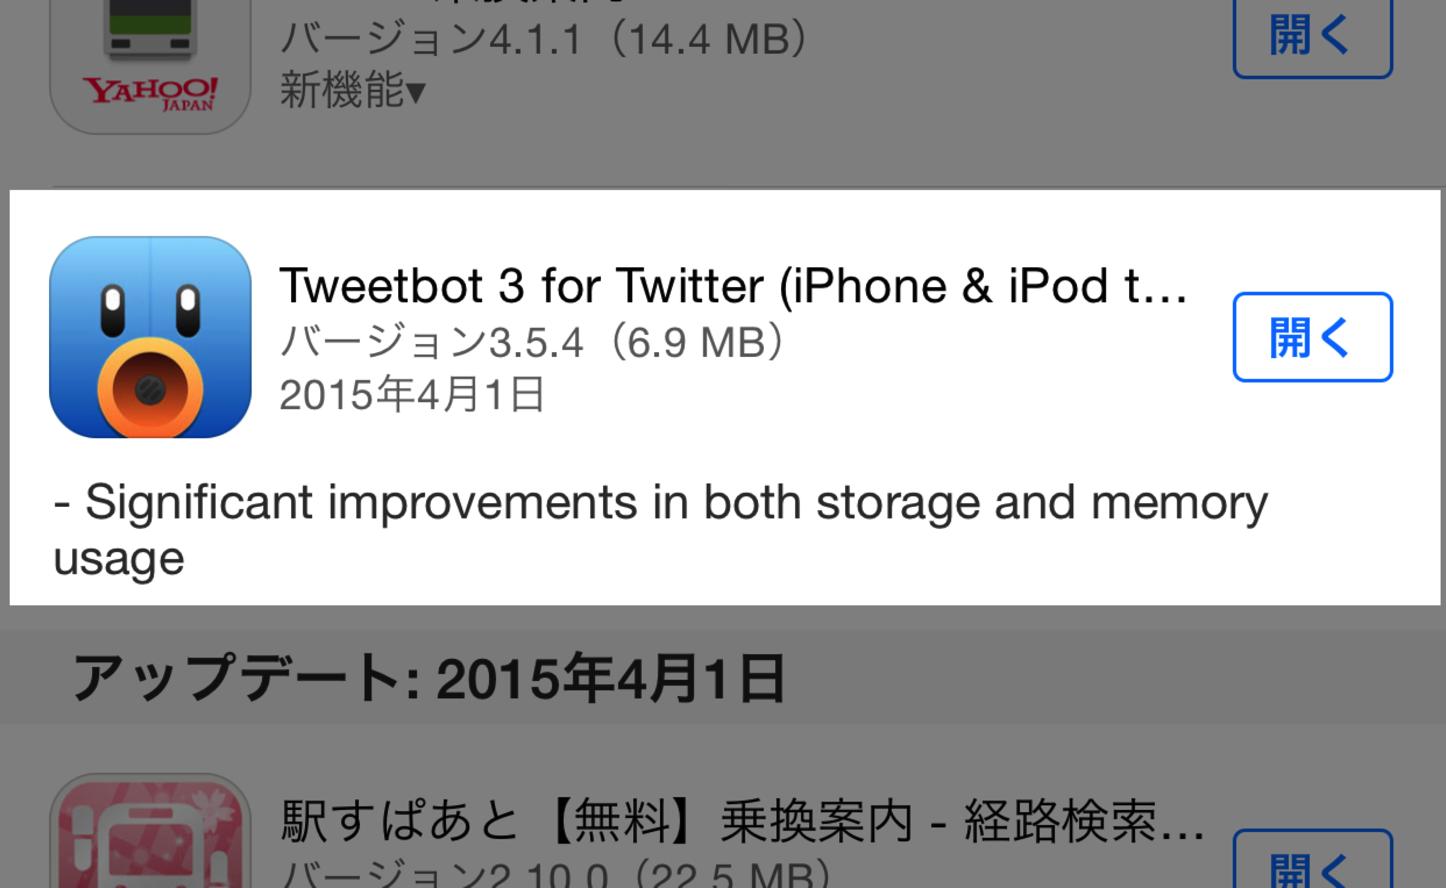 Tweetbot Update